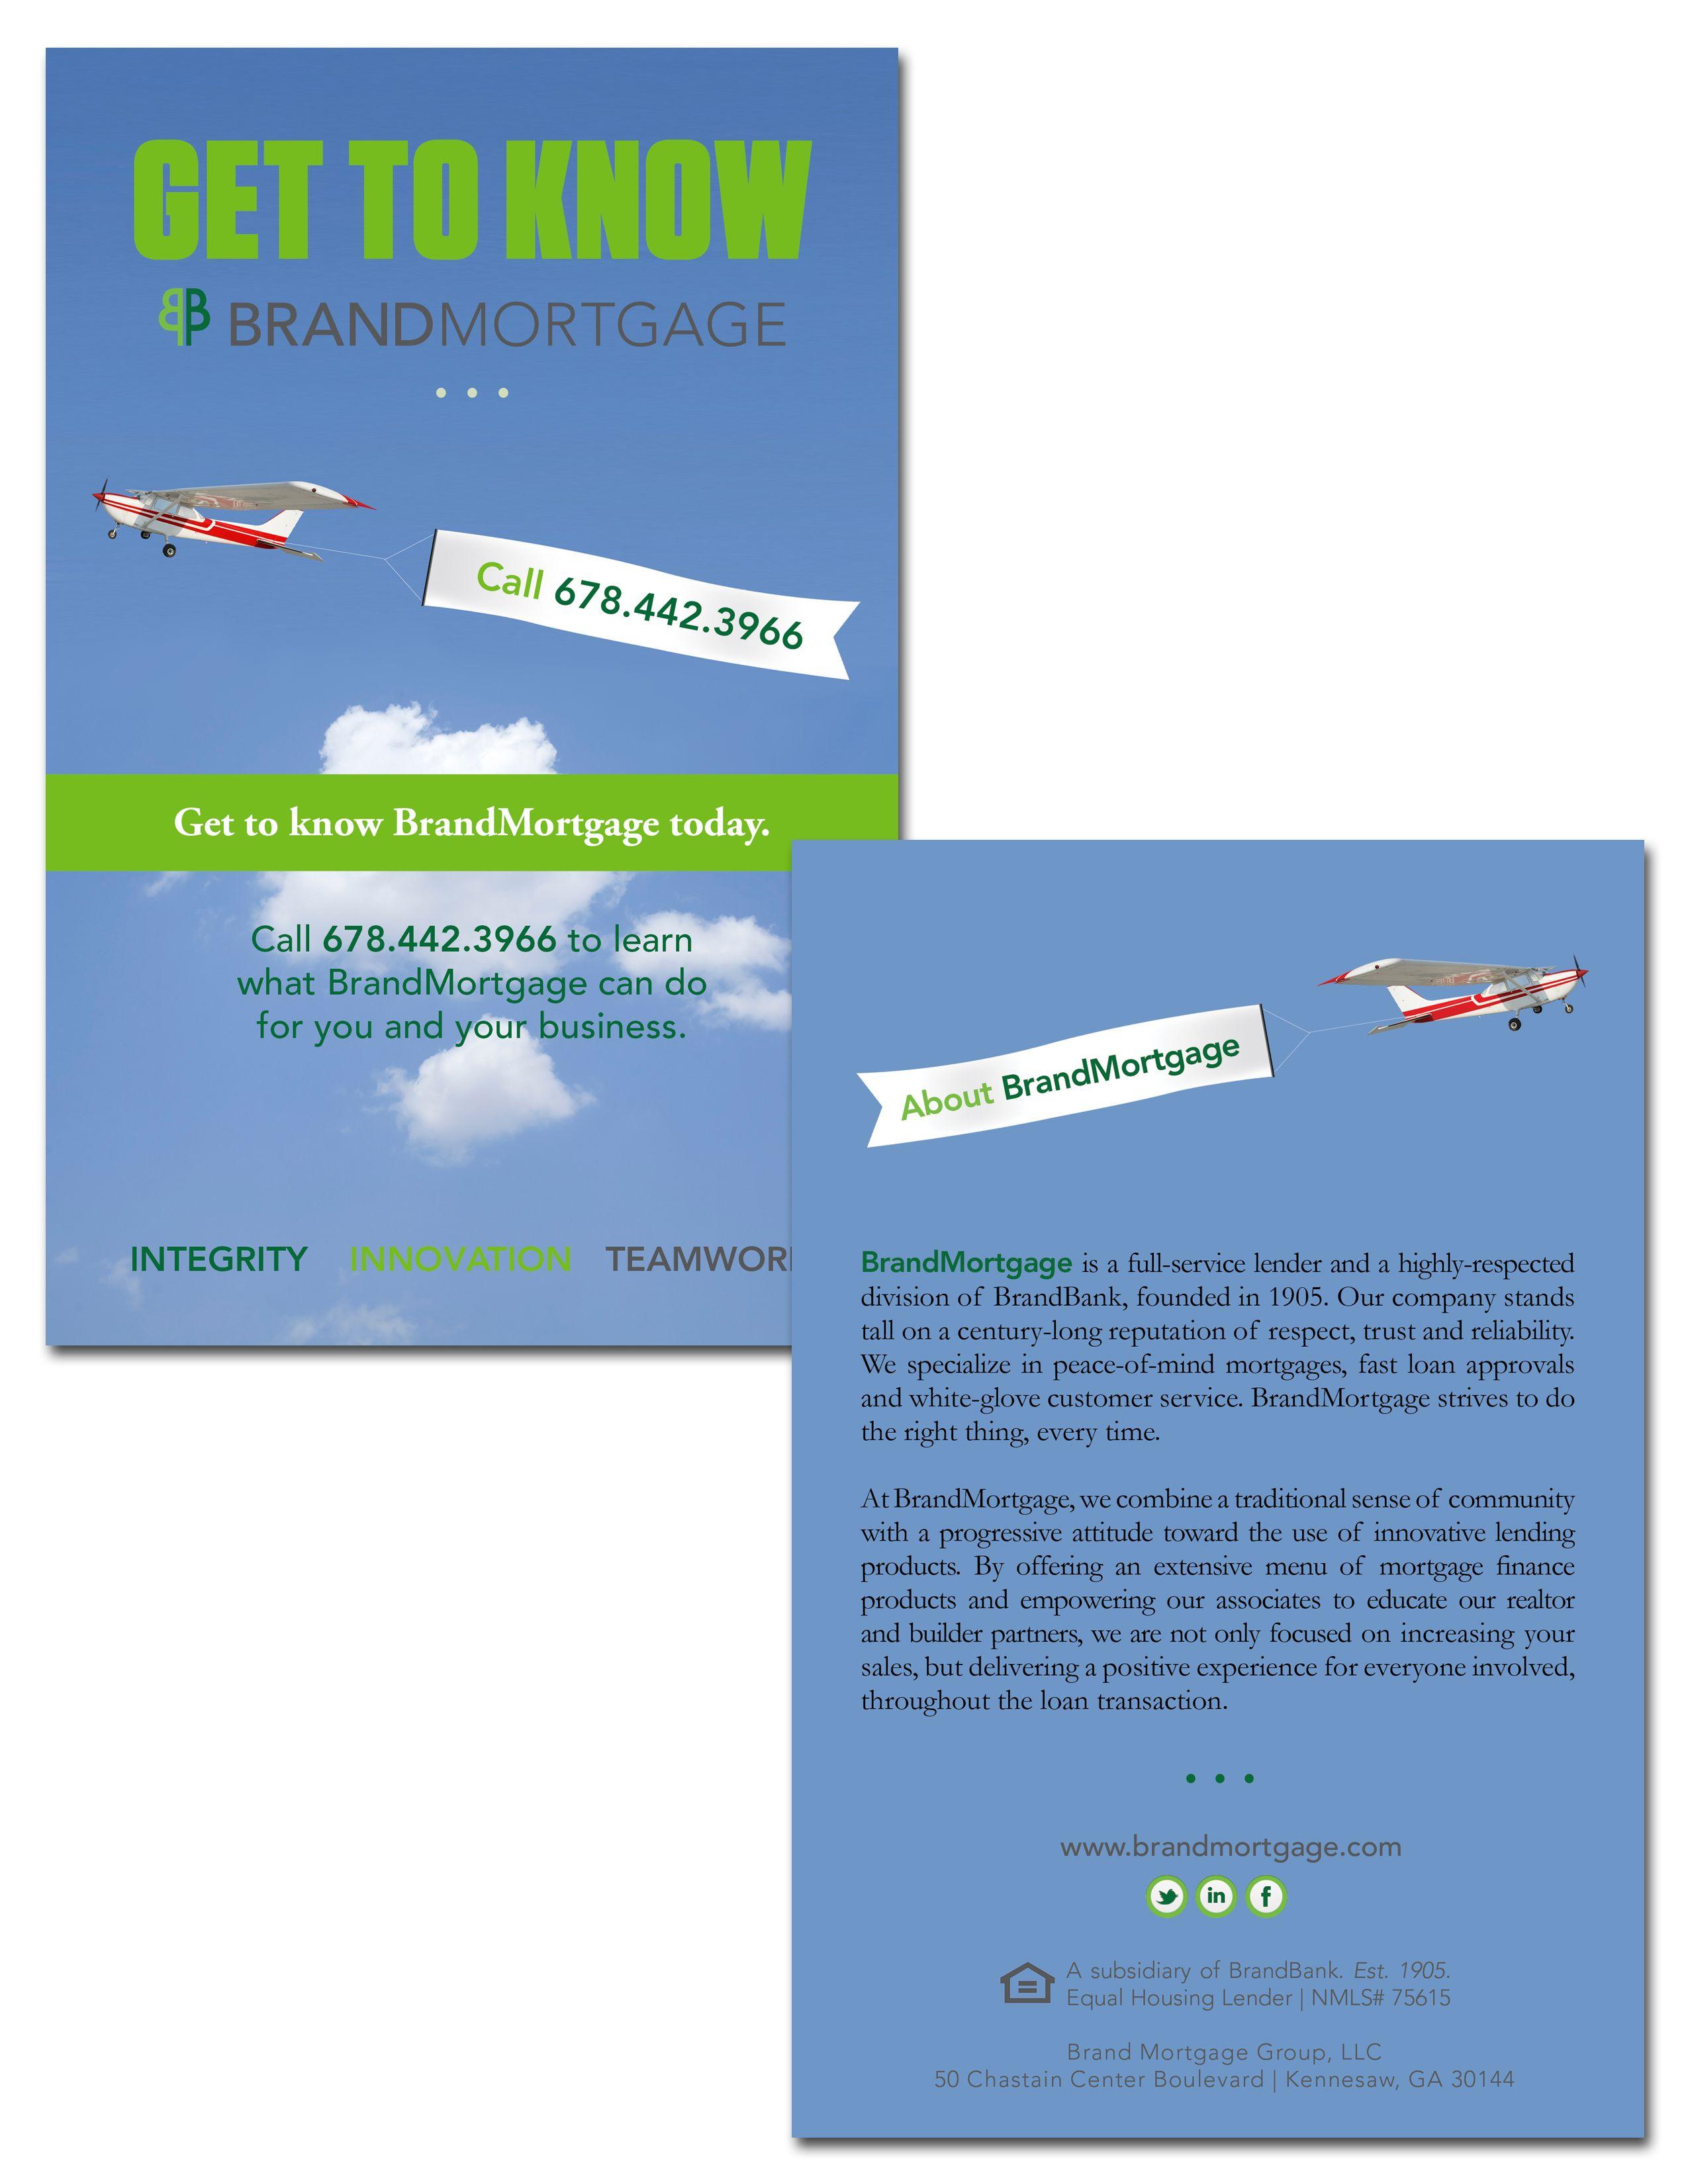 Brandmortgage Drip Campaign Postcard Design Graphic Design